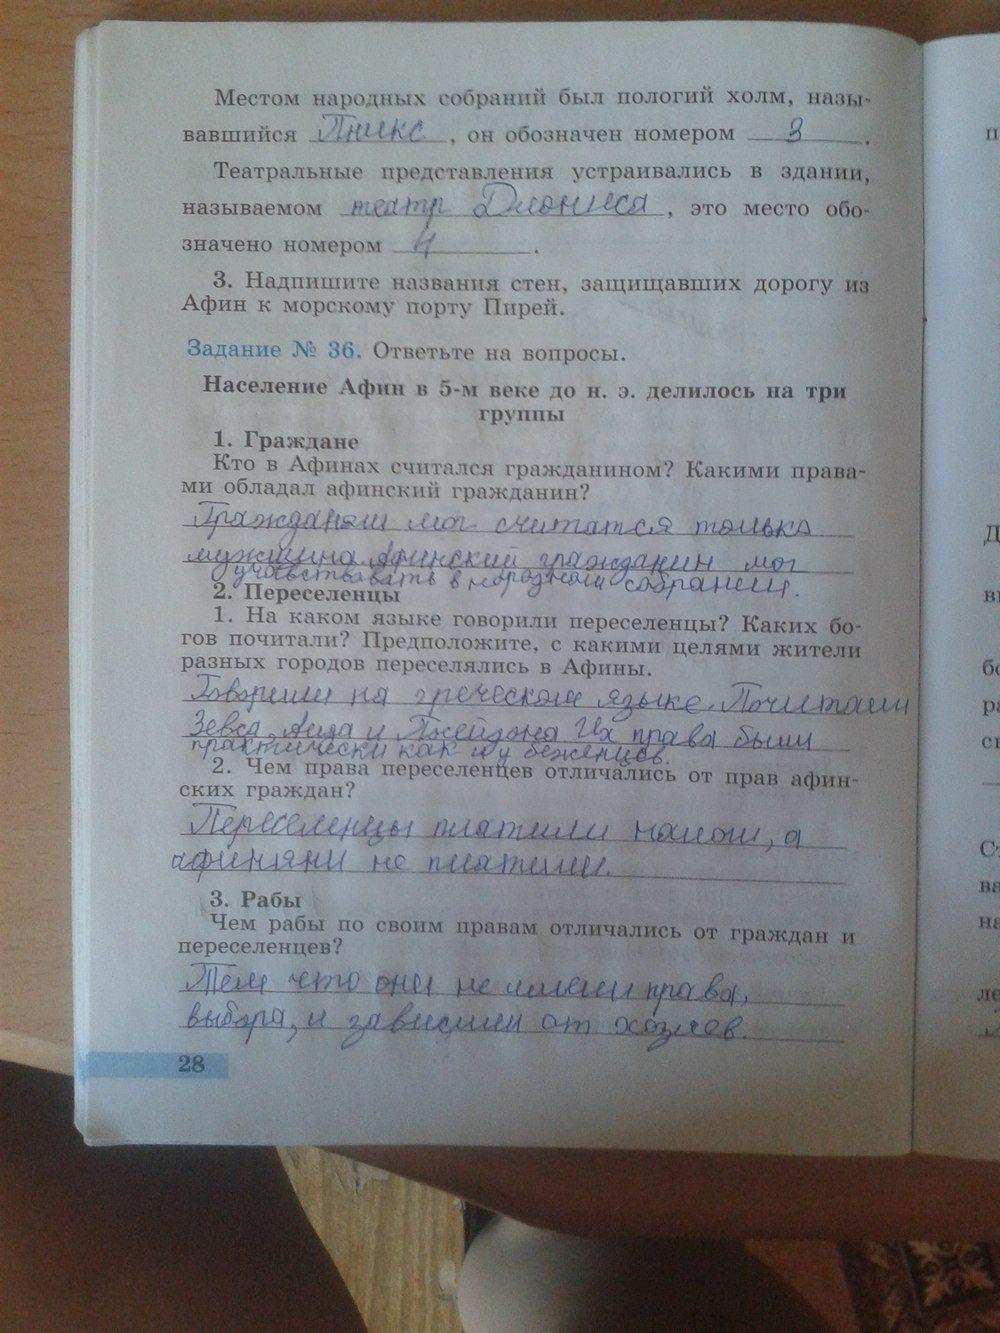 Гдз по тестам для русского языка 7 класса 1 часть книгина